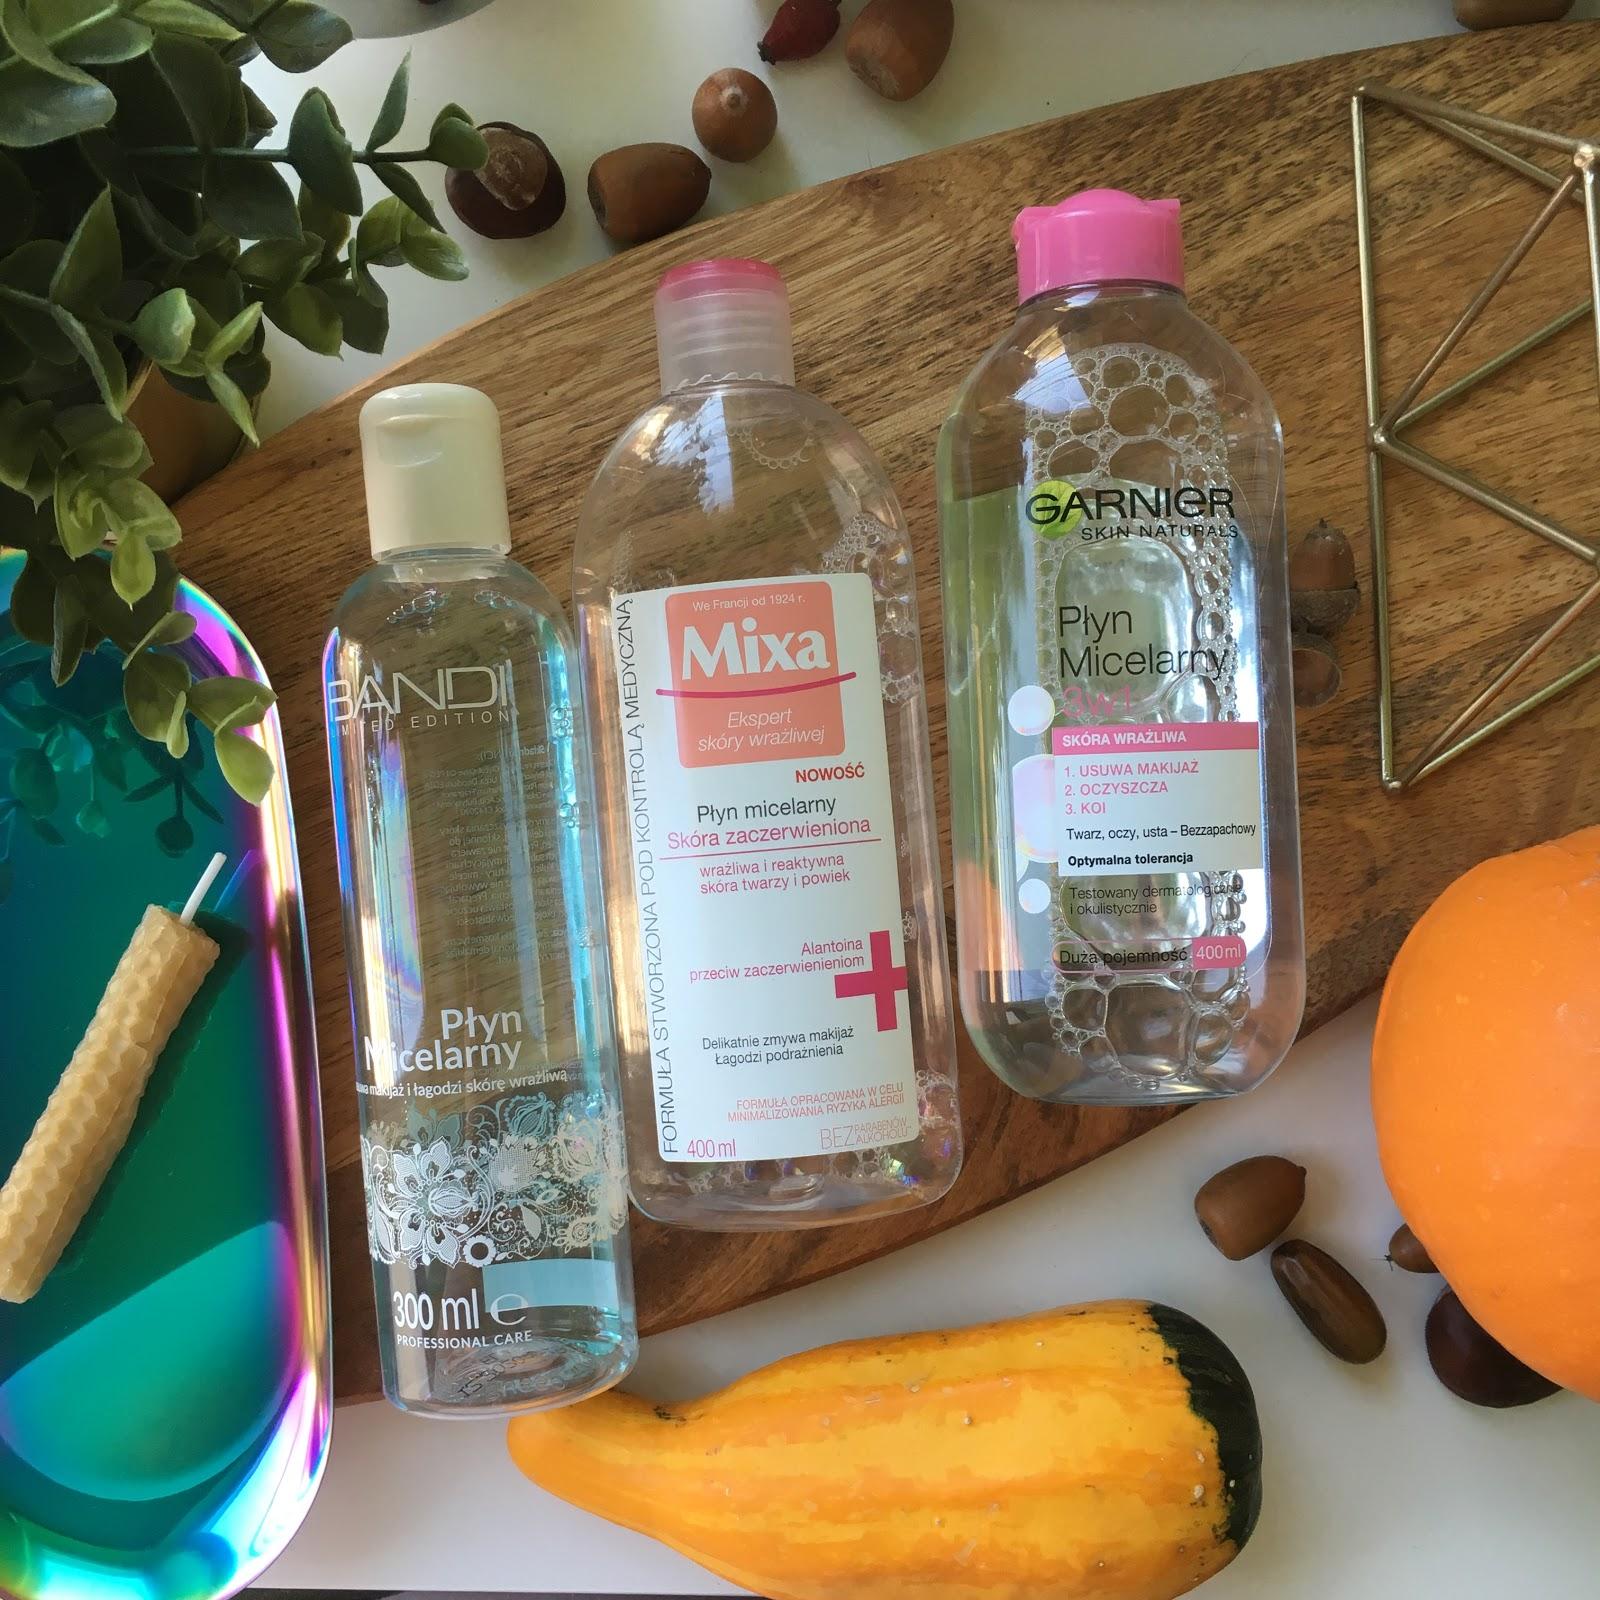 3 produkty to seria mini recenzji, dziś płyn micelarny z Bandi, Garnier oraz Mixa.